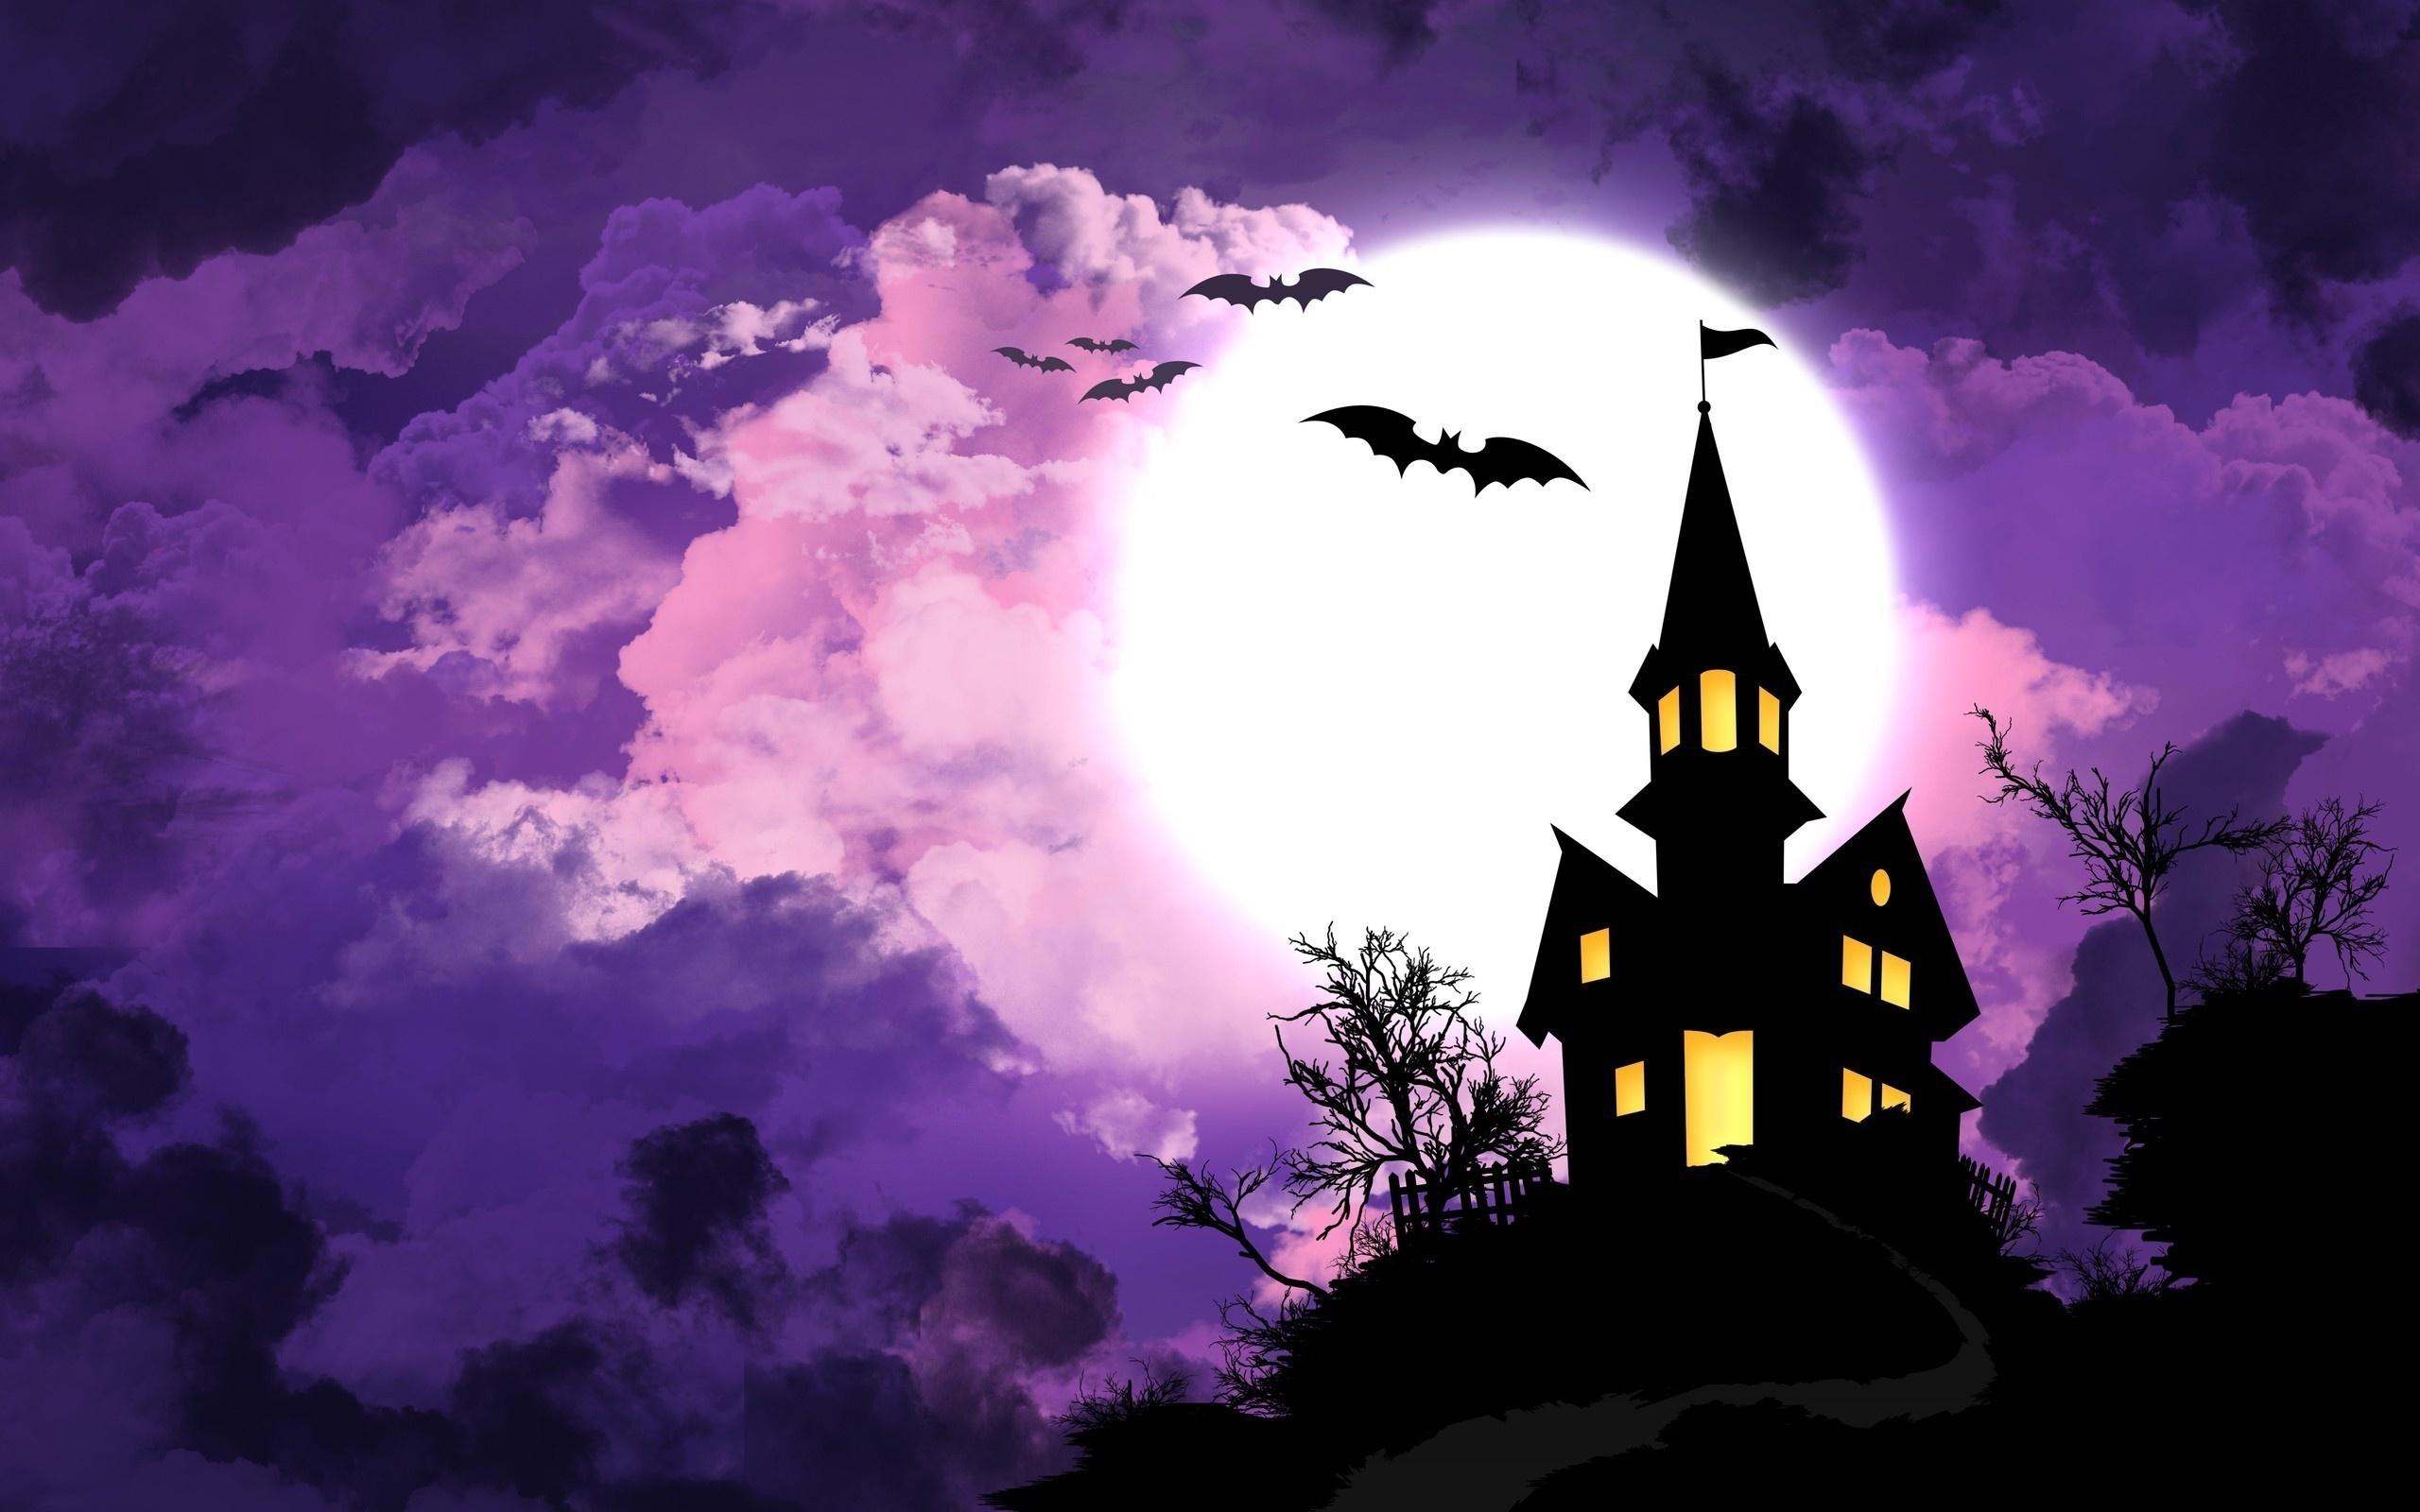 приманить замок фиолетовой колдуньи рисунок дом благоустроенным